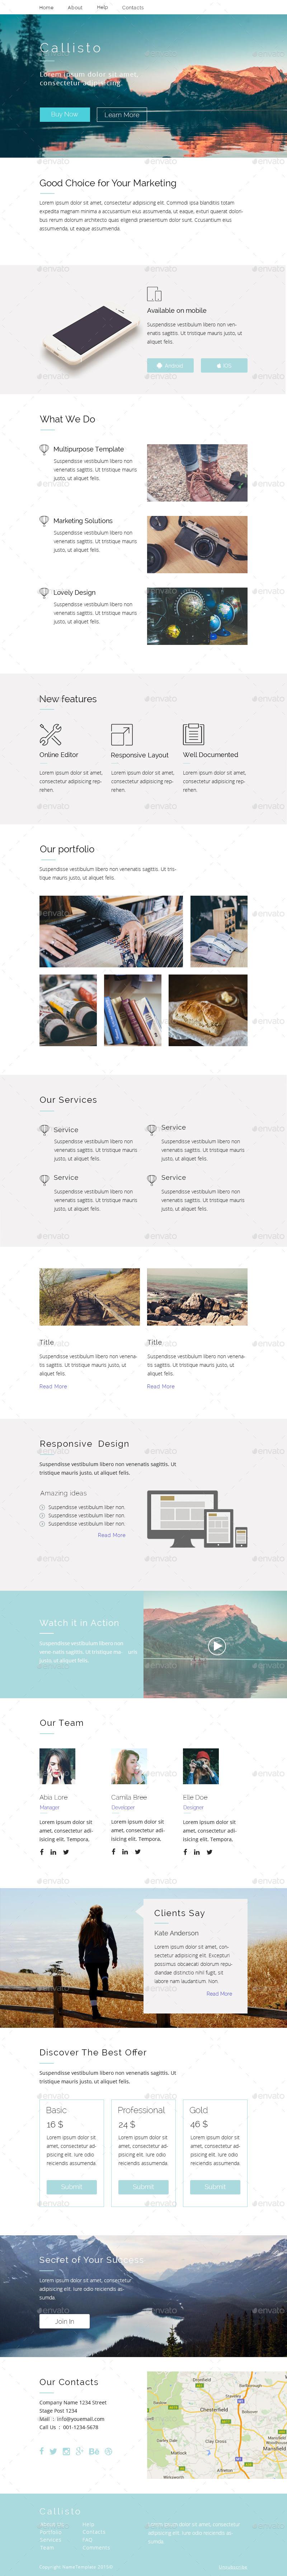 Callisto Clean Design Multipurpose Email Template